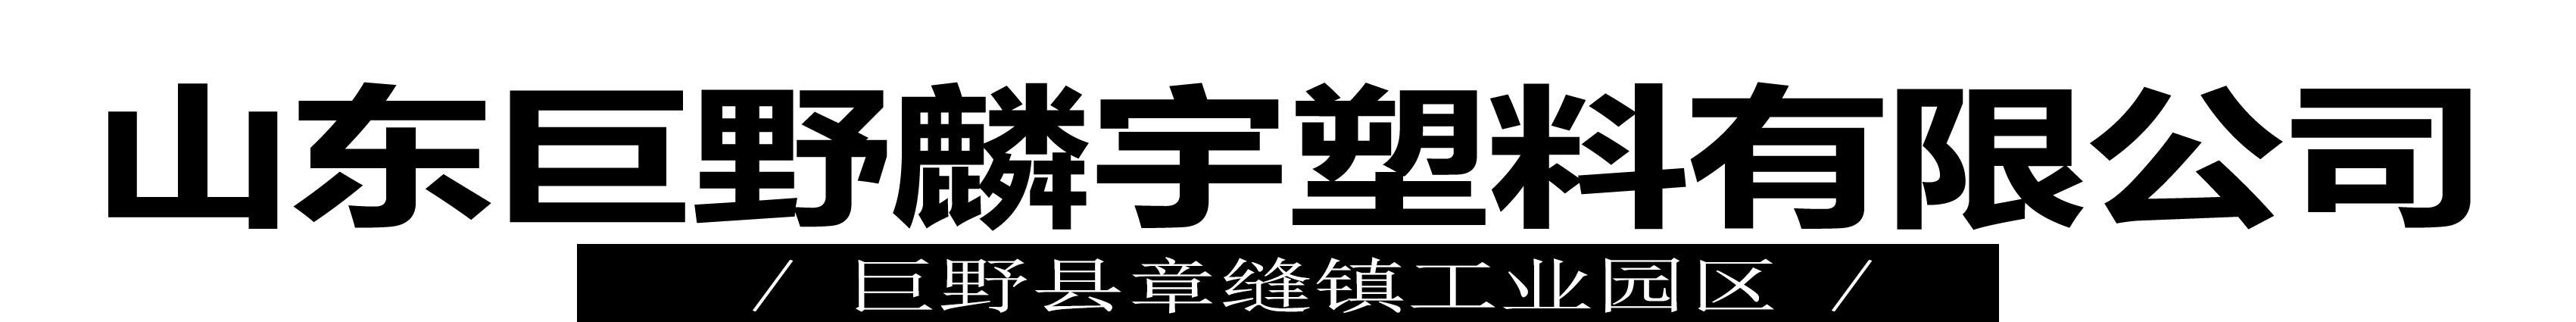 山东巨野麟宇塑料有限公司